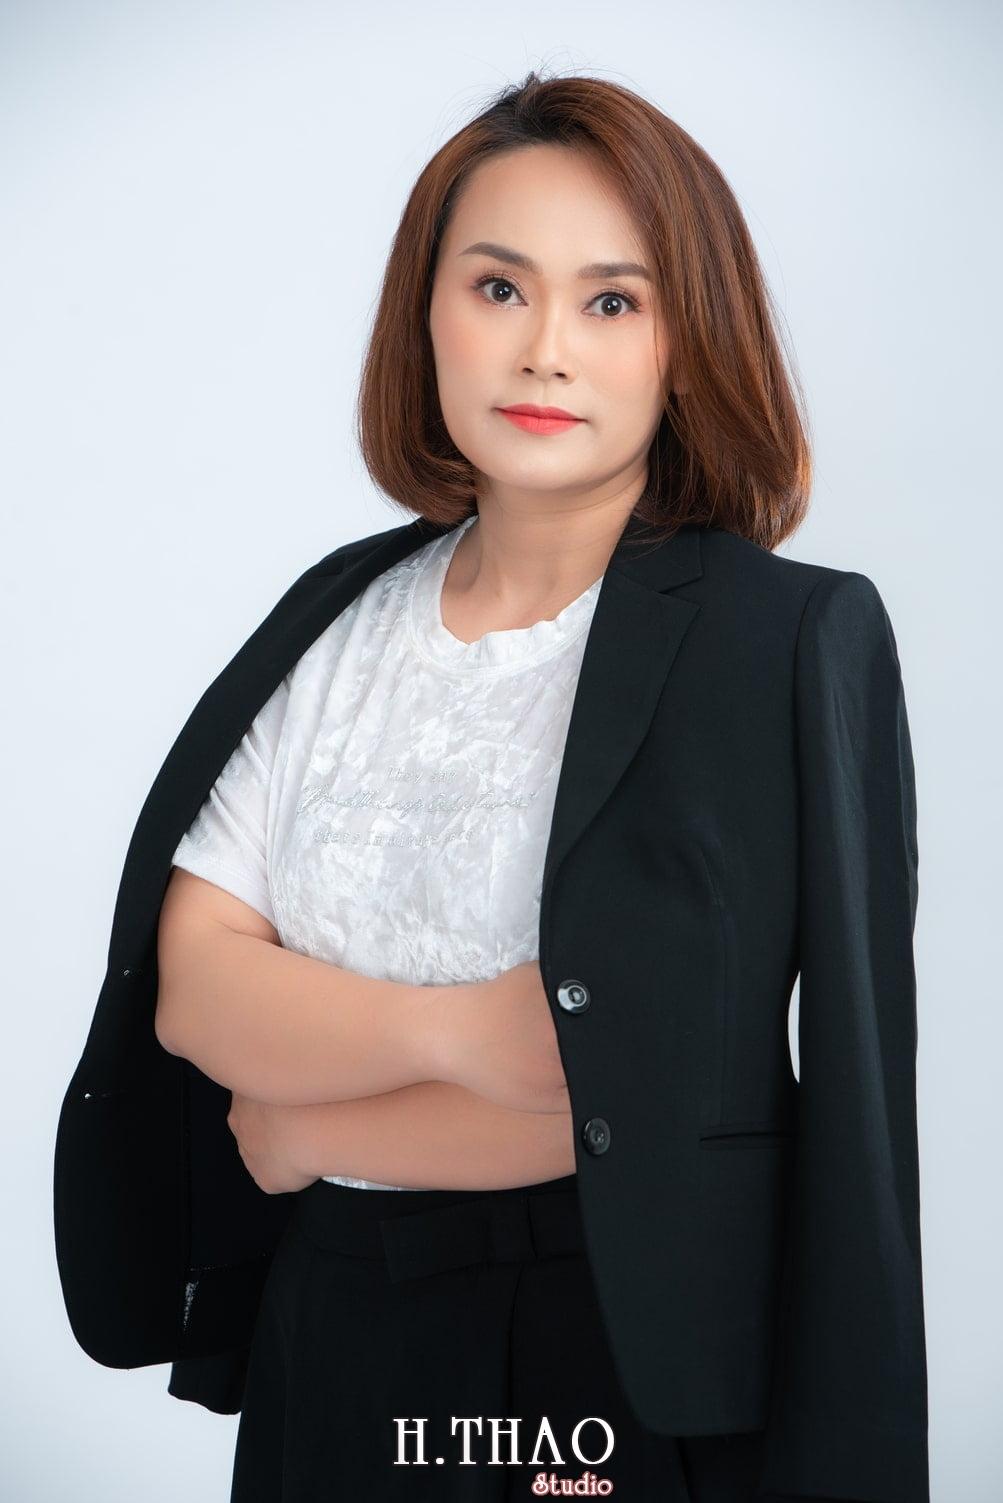 Chi Kim 1 - Album ảnh doanh nhân nữ: chị Kim đẹp nhẹ nhàng - HThao Studio